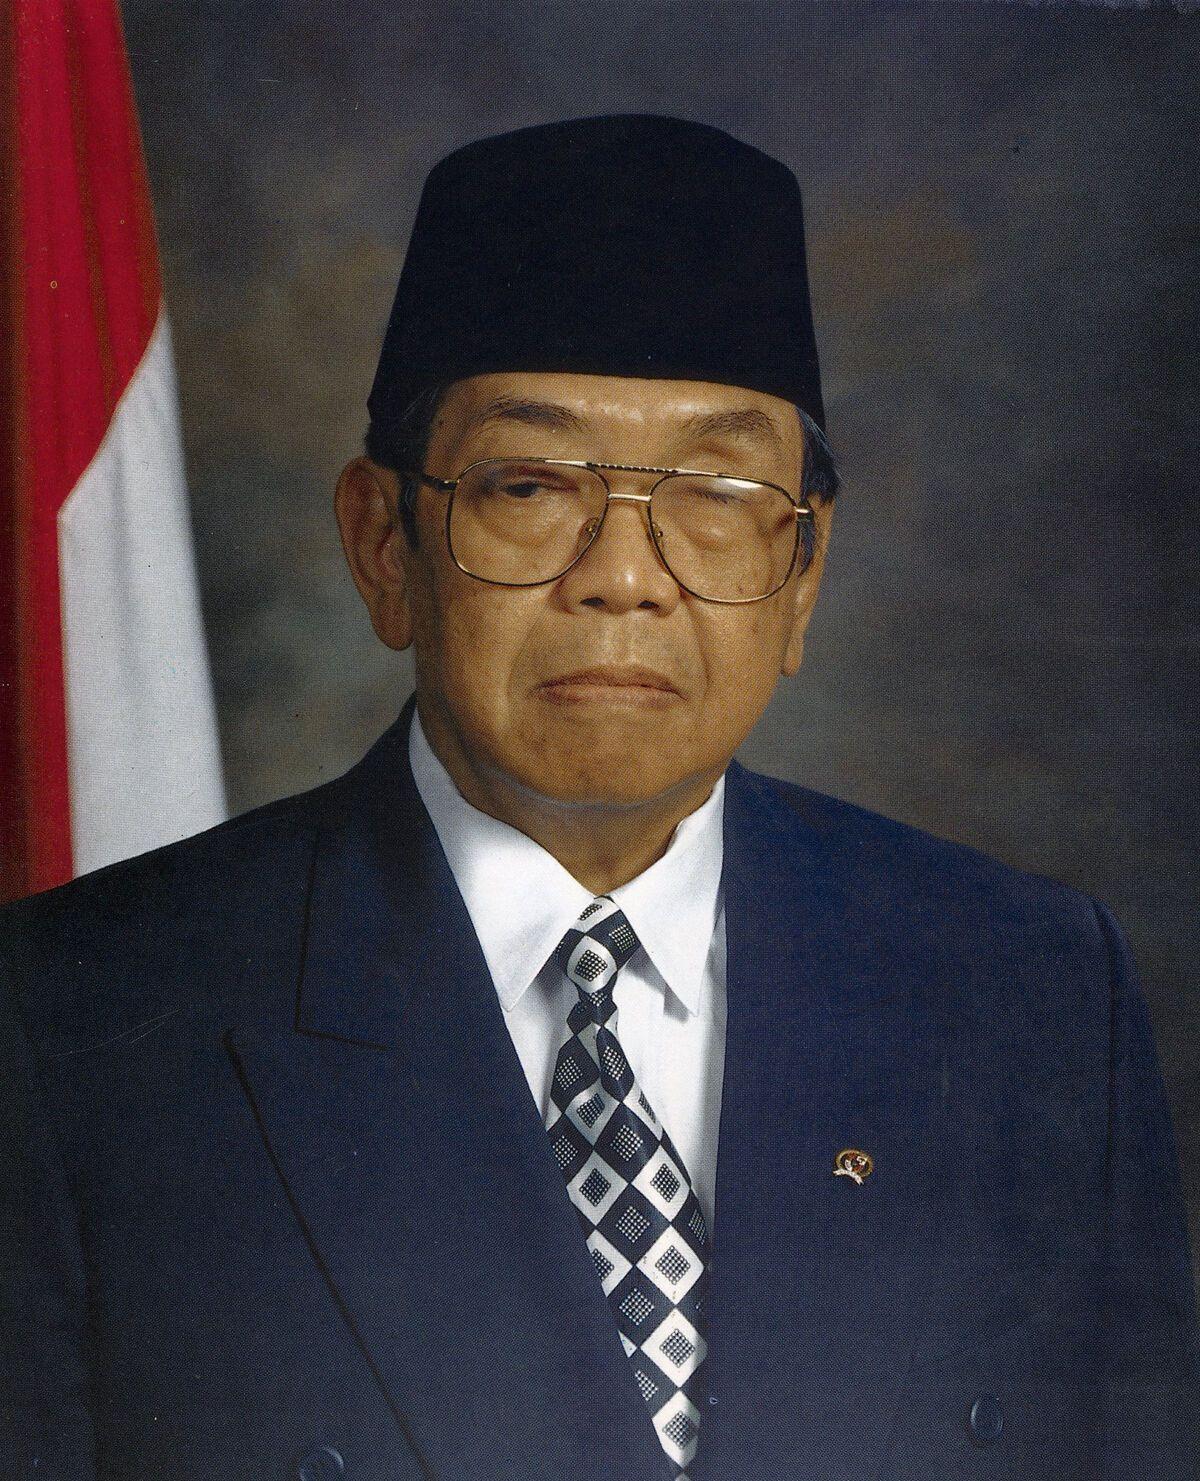 Абдуррахман Вахід був обраний президентом Індонезії 1999 року